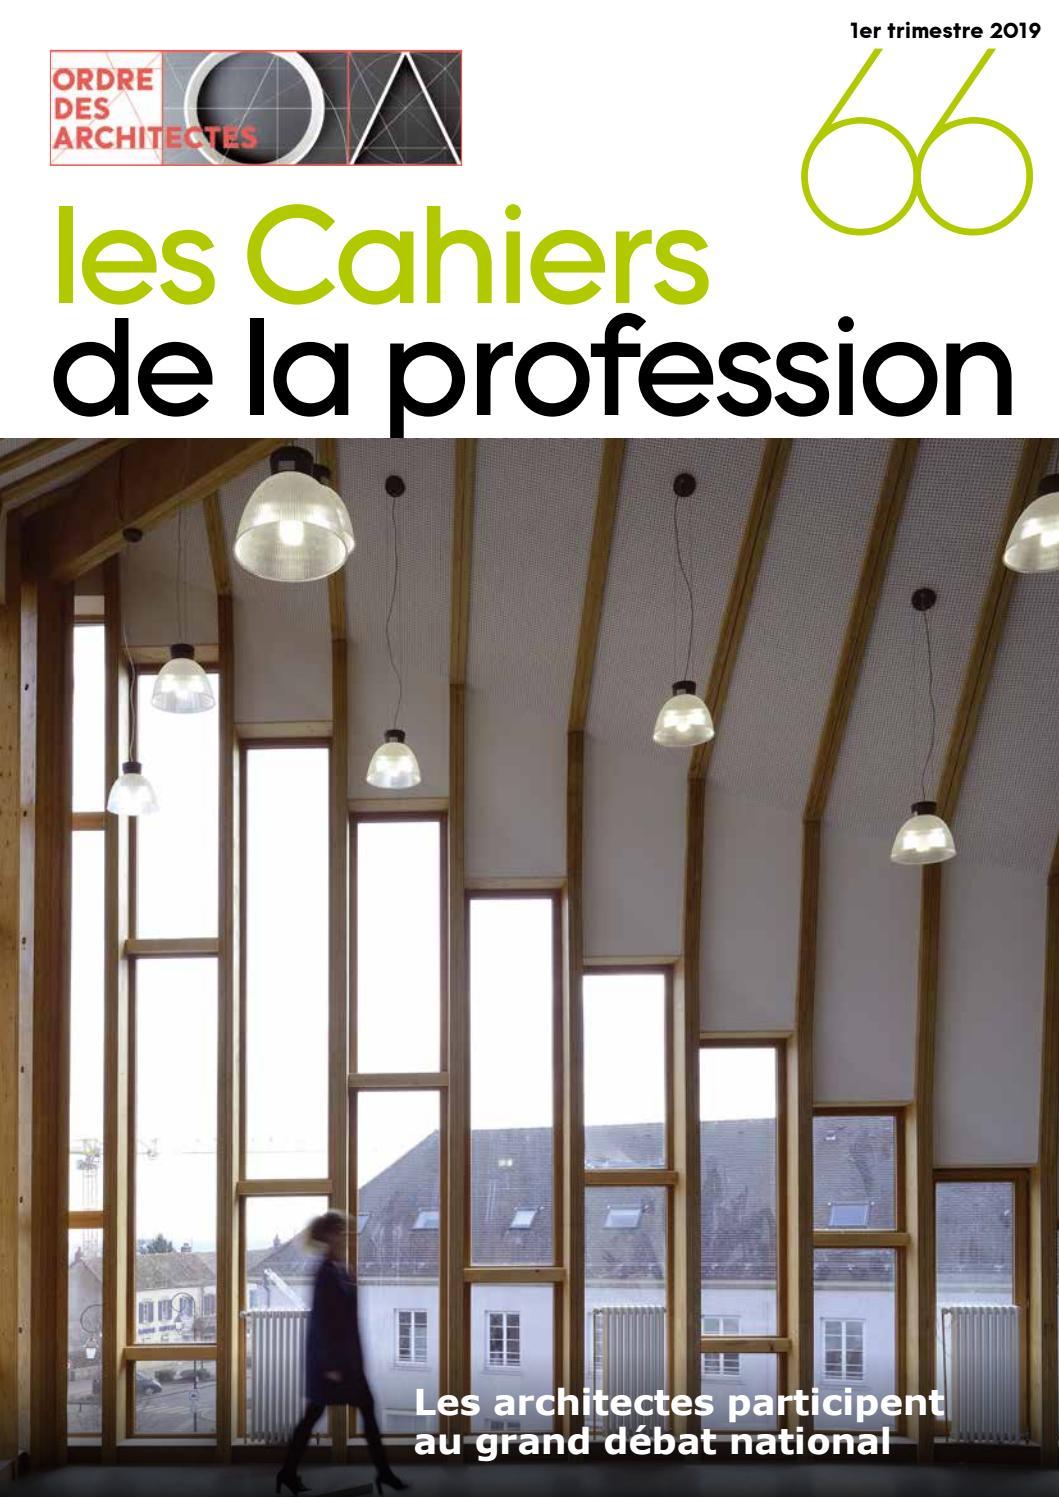 Liste Ordre Des Architectes cahiers de la profession n°66cnoa - issuu